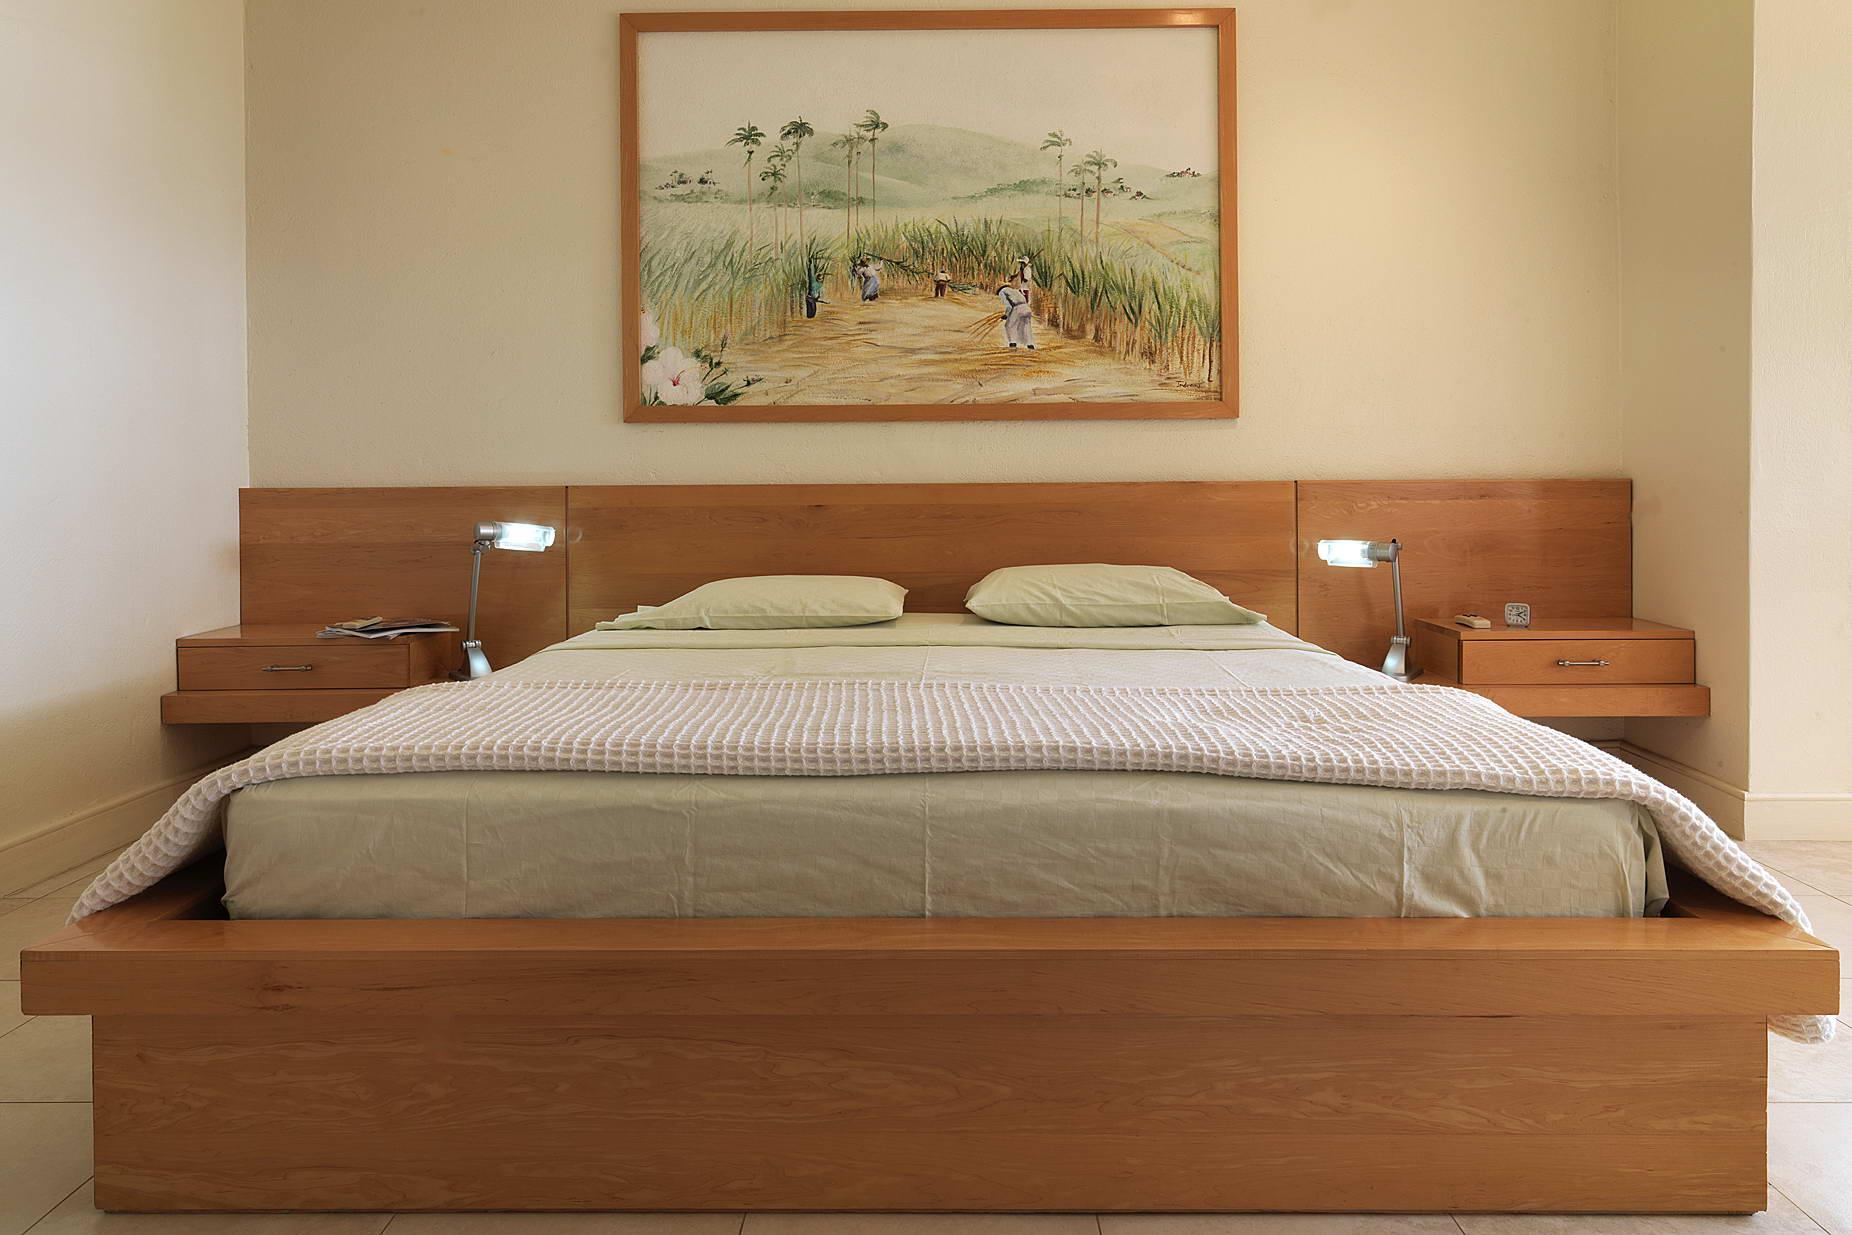 modern wooden beds  destroybmxcom - modern wooden box beds  thespina modern wood bed